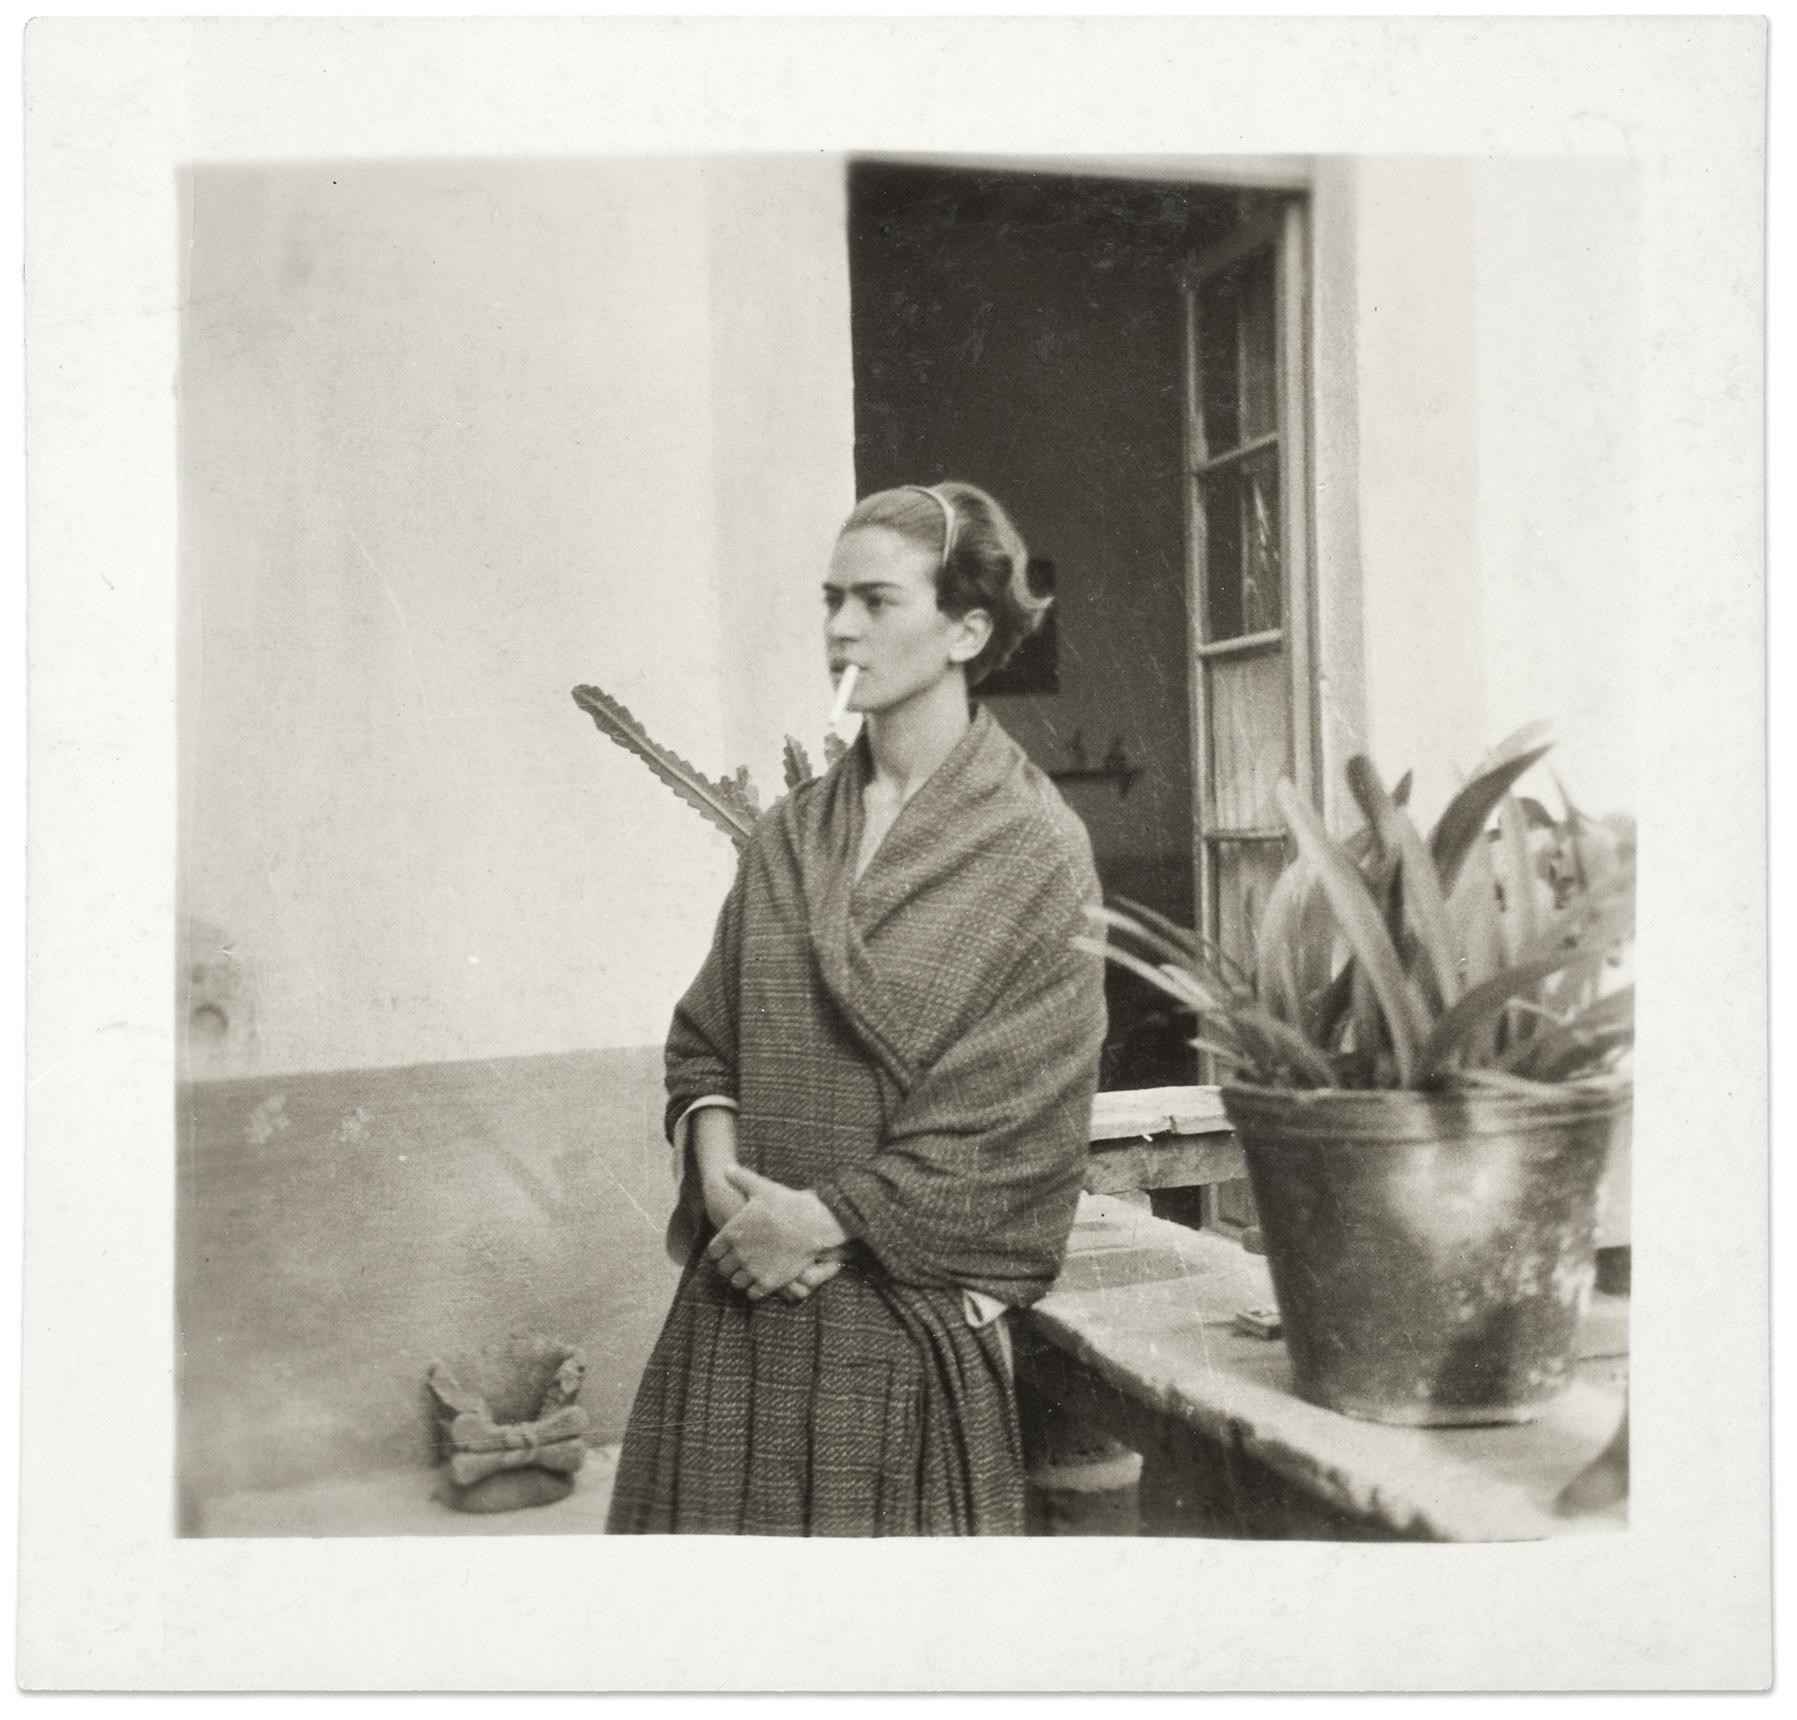 Frida  Kahlo  na  Casa  Azul,  Anónimo,  1930©  Museu  Frida  Kahlo